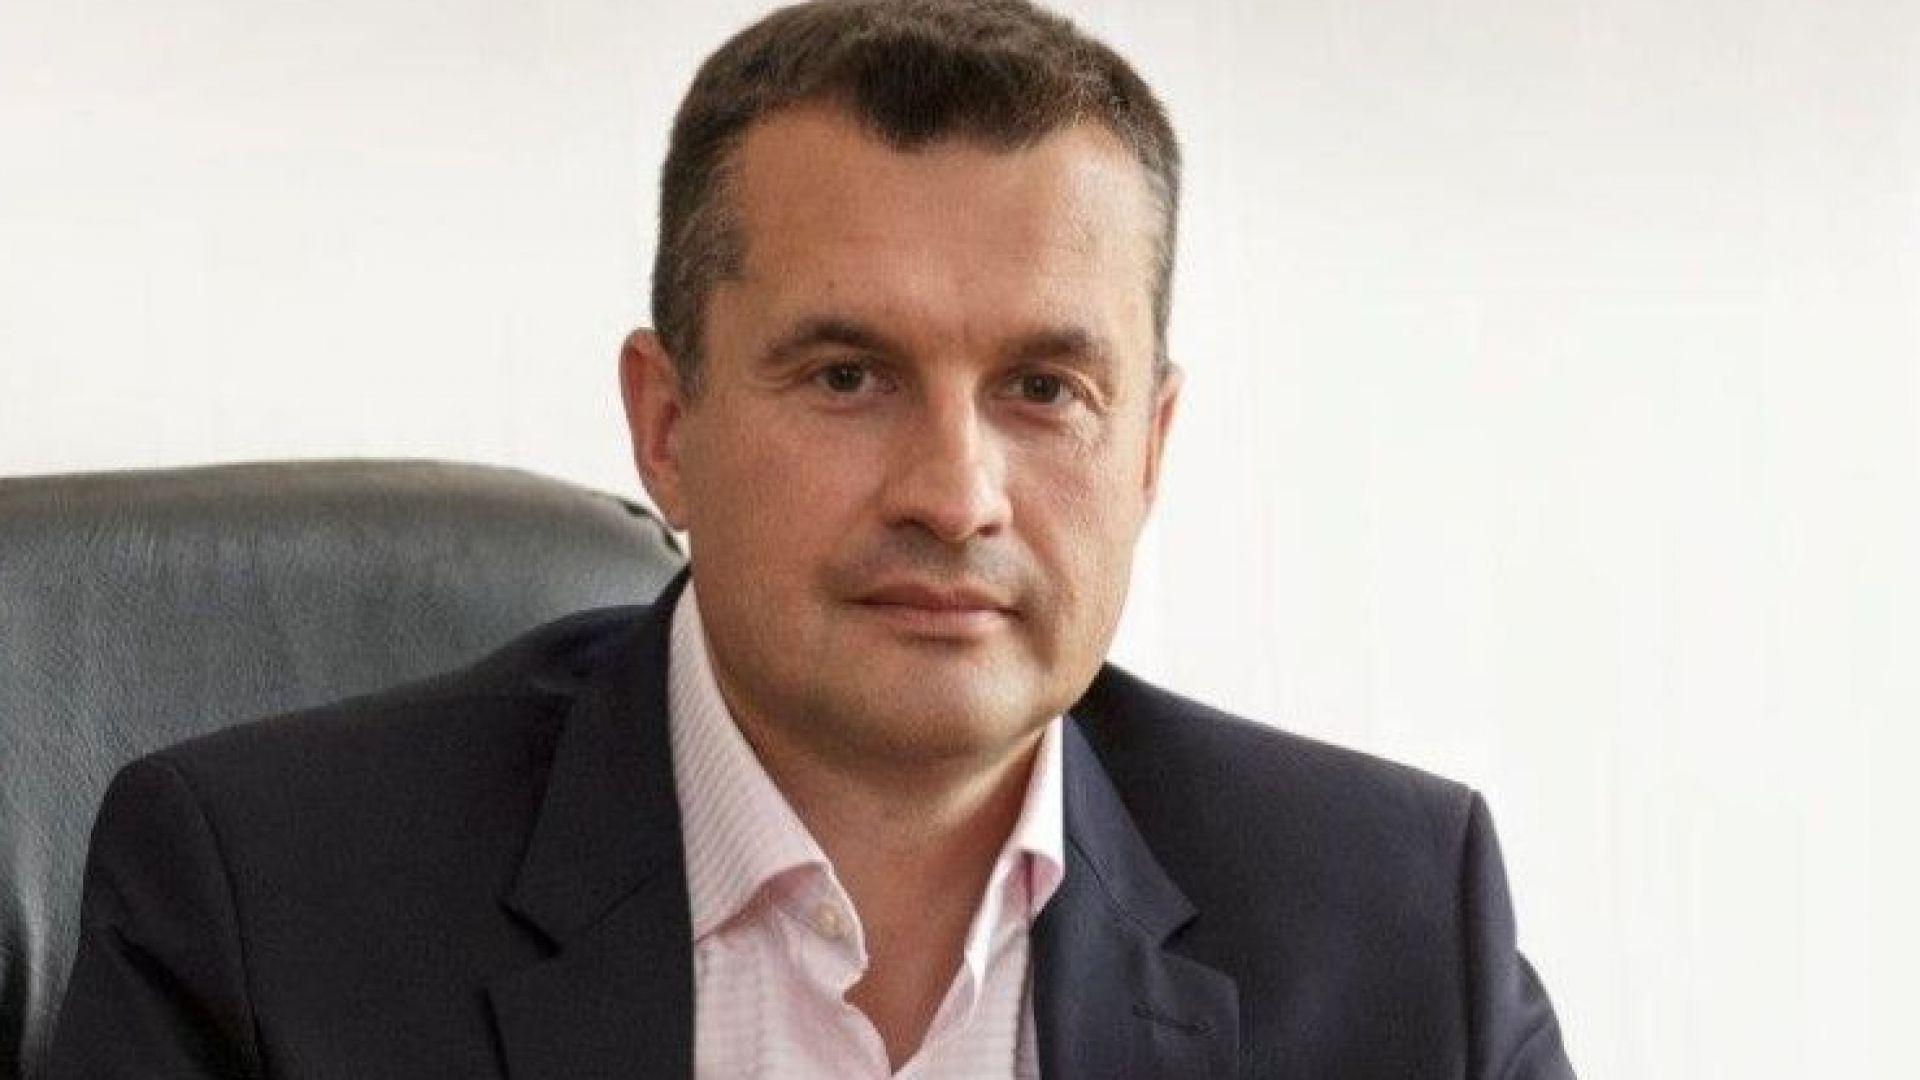 Със свой указ от 19 август държавният глава Румен Радев